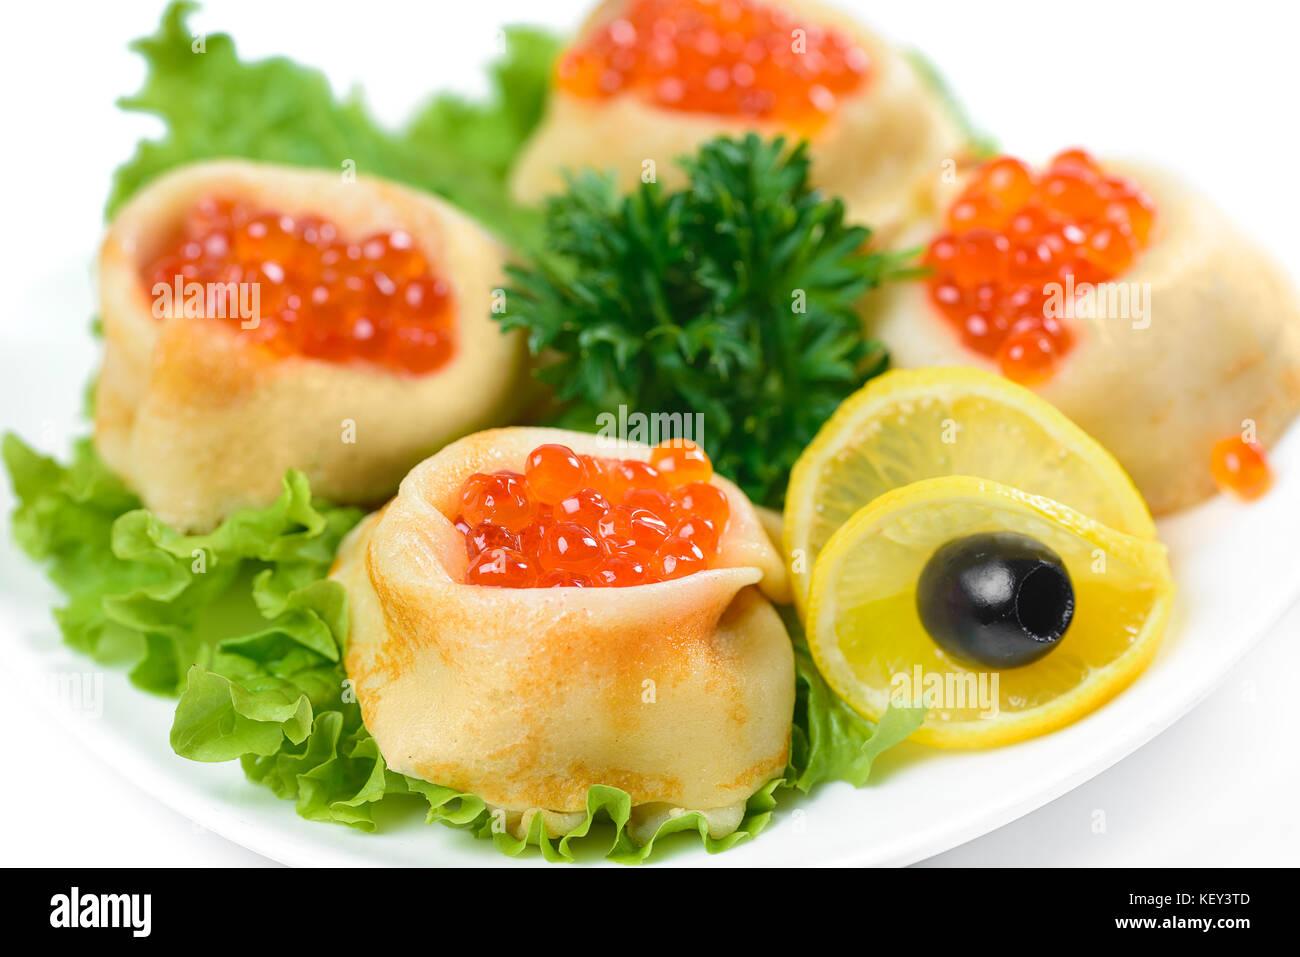 pancakes with red caviar - Stock Image